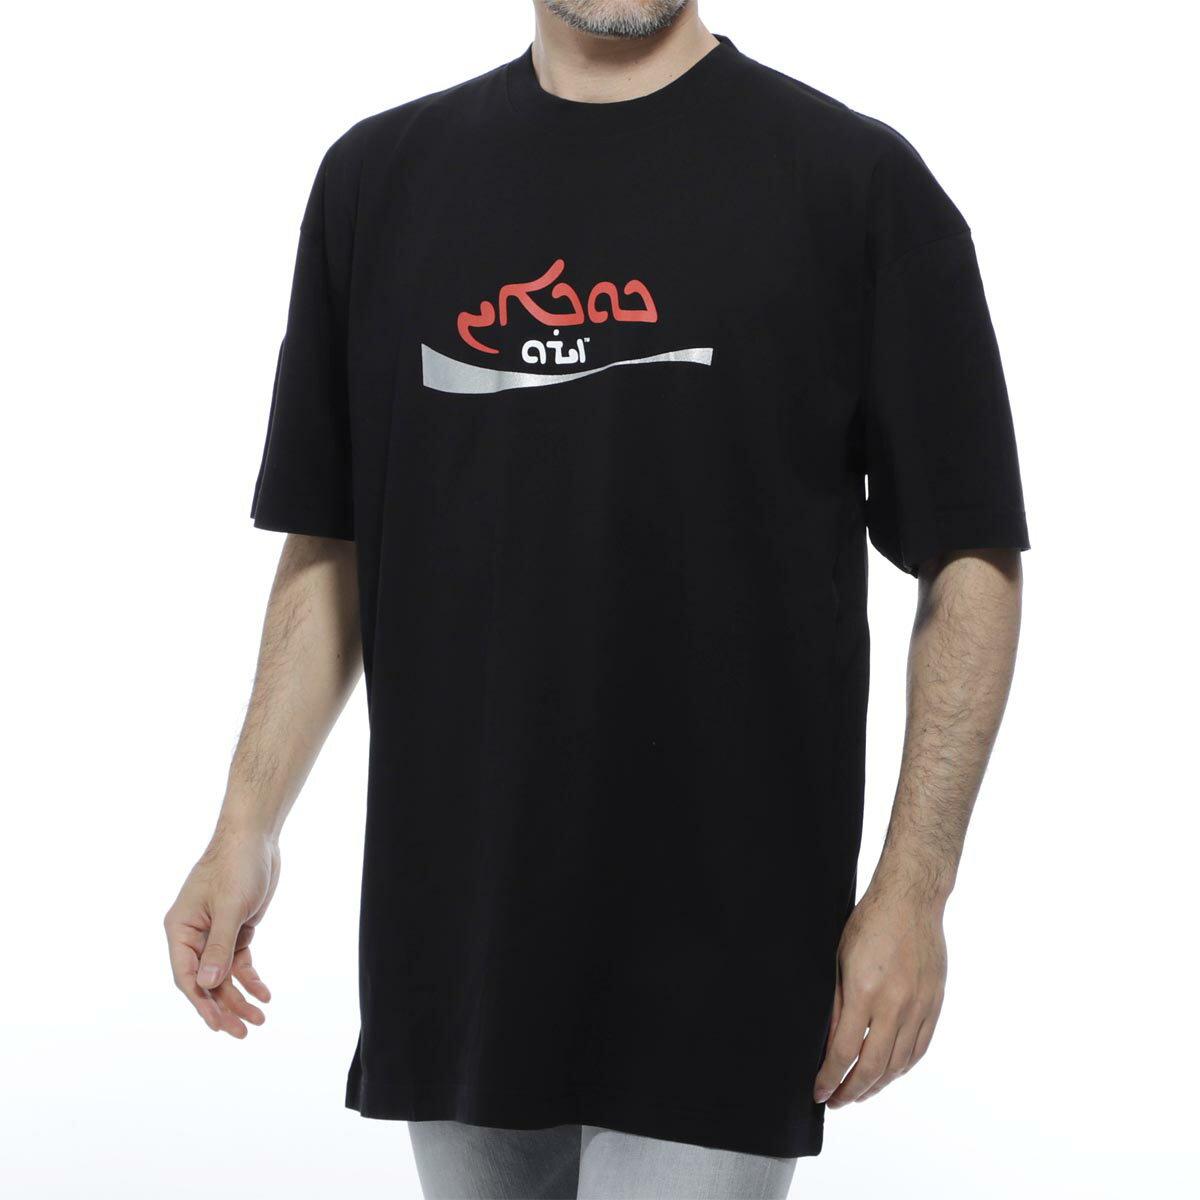 トップス, Tシャツ・カットソー  VETEMENTS T mah20tr019 black